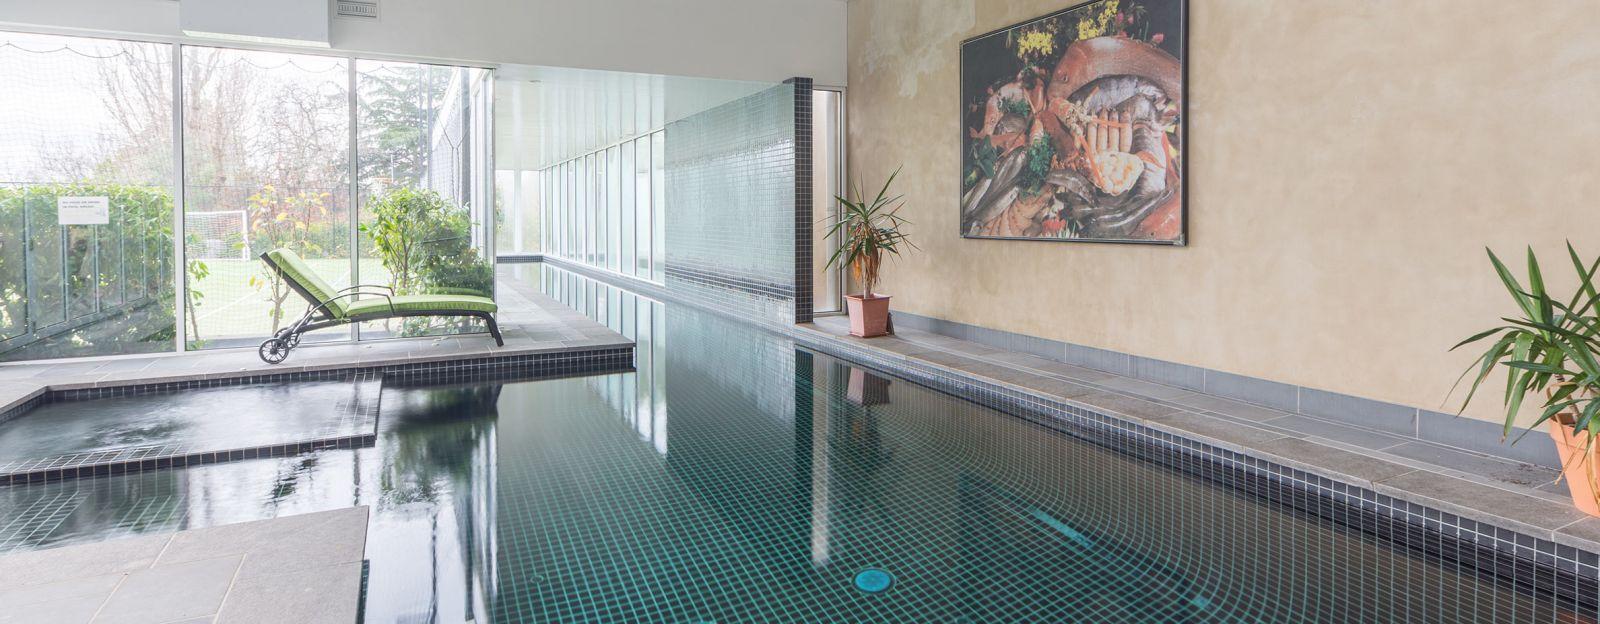 lap pools melbourne